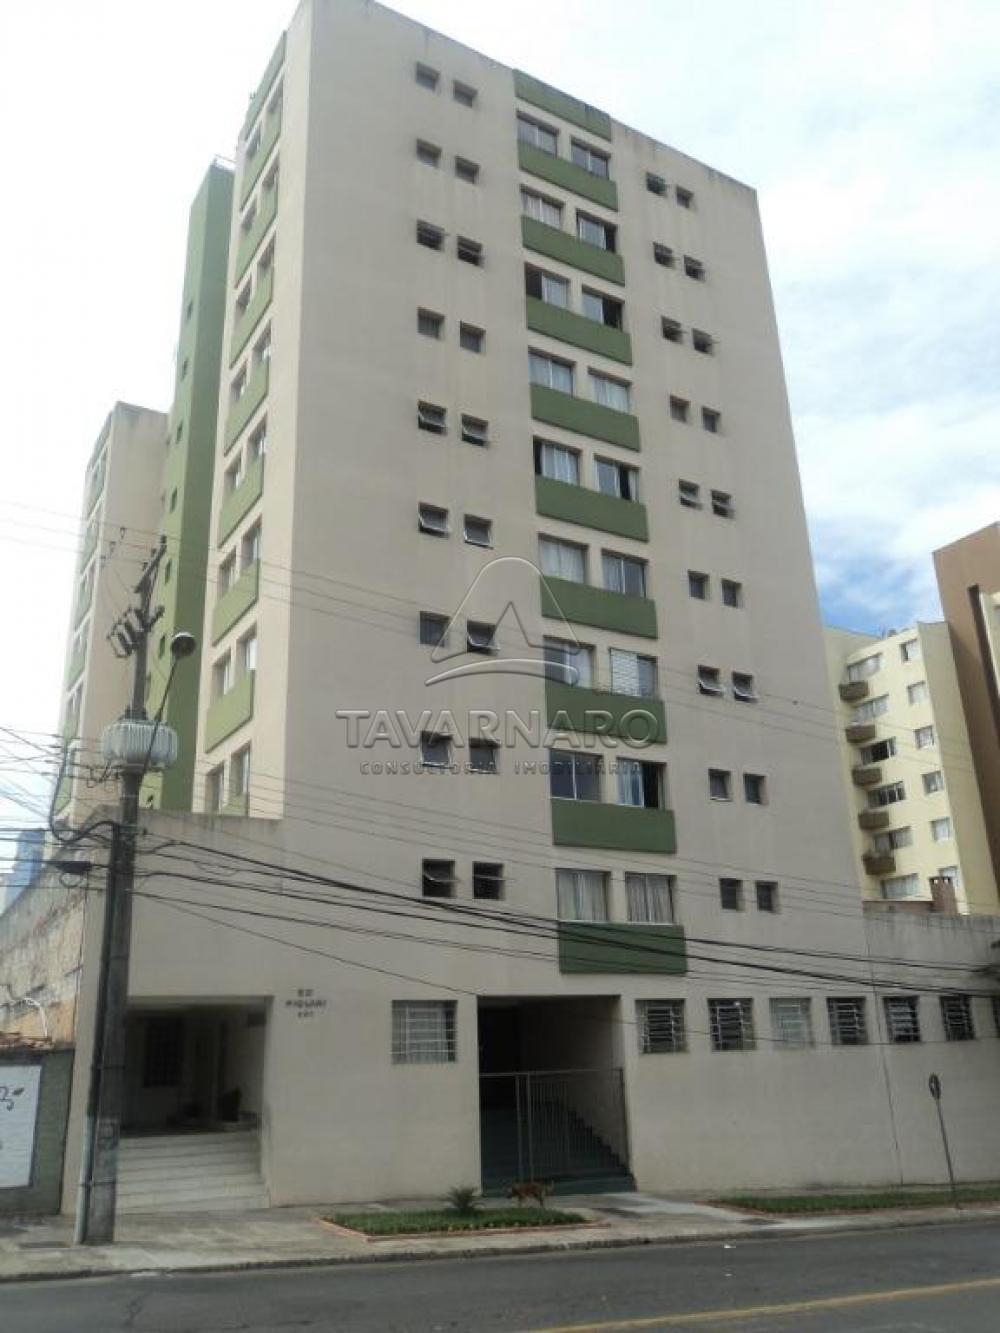 Comprar Apartamento / Padrão em Ponta Grossa apenas R$ 300.000,00 - Foto 1